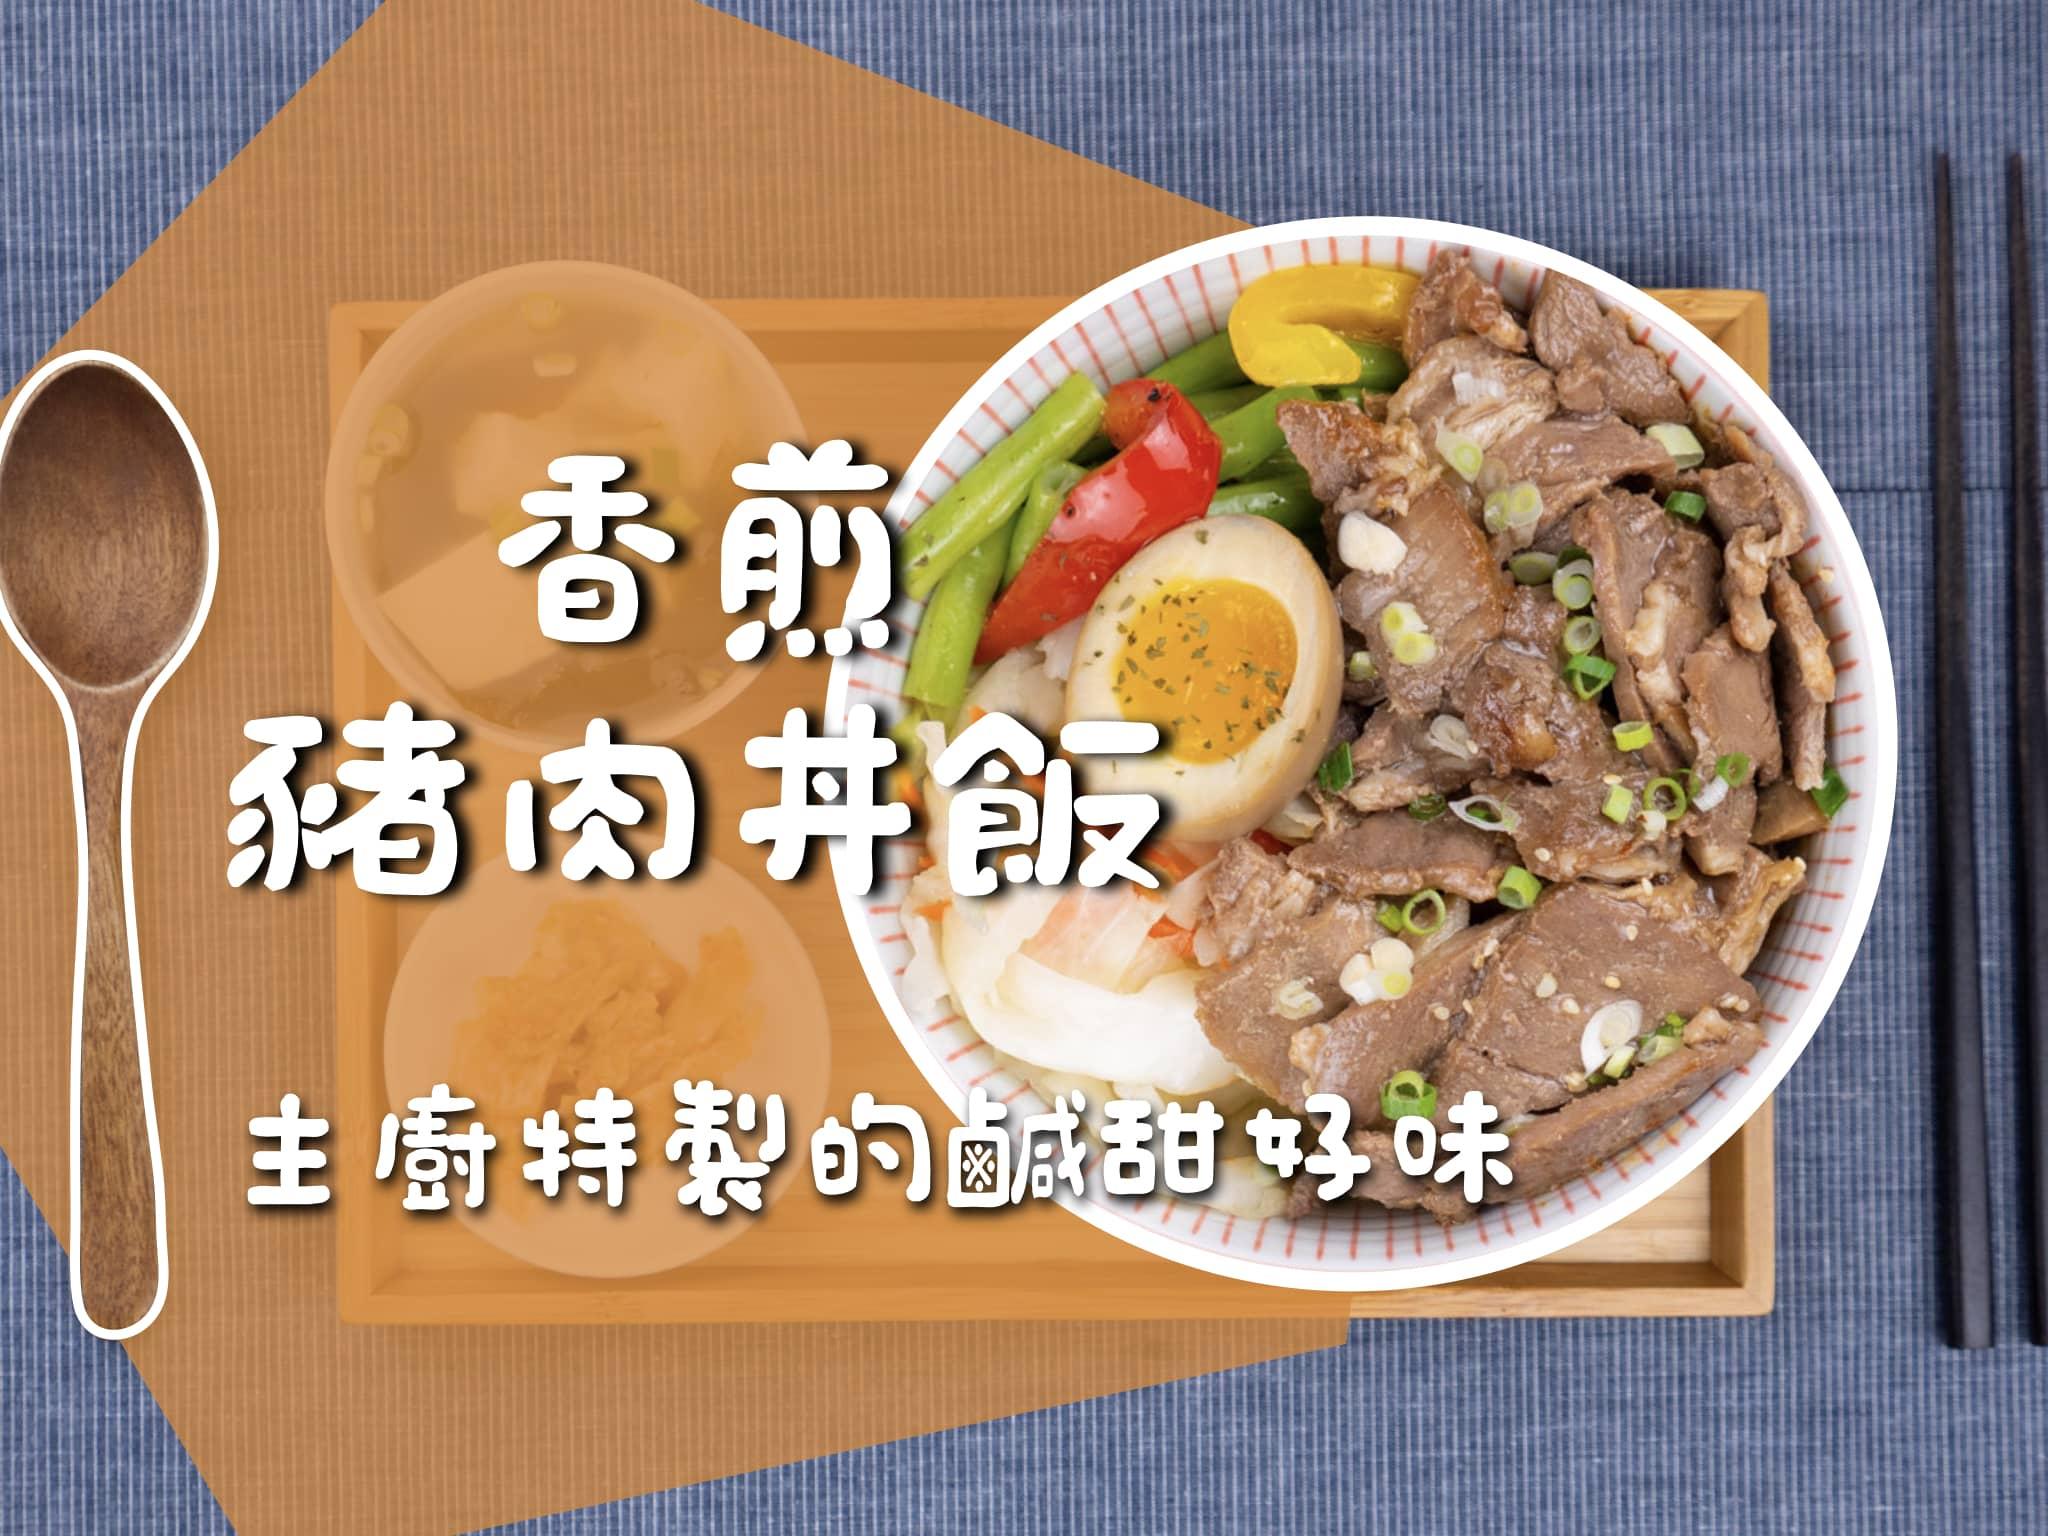 有一大塊淡橘色色塊,藍色布上有一個木盤放著一碗豬肉丼飯、一碗味噌湯、一盤醃漬物,旁邊還有一雙筷子、一支湯匙